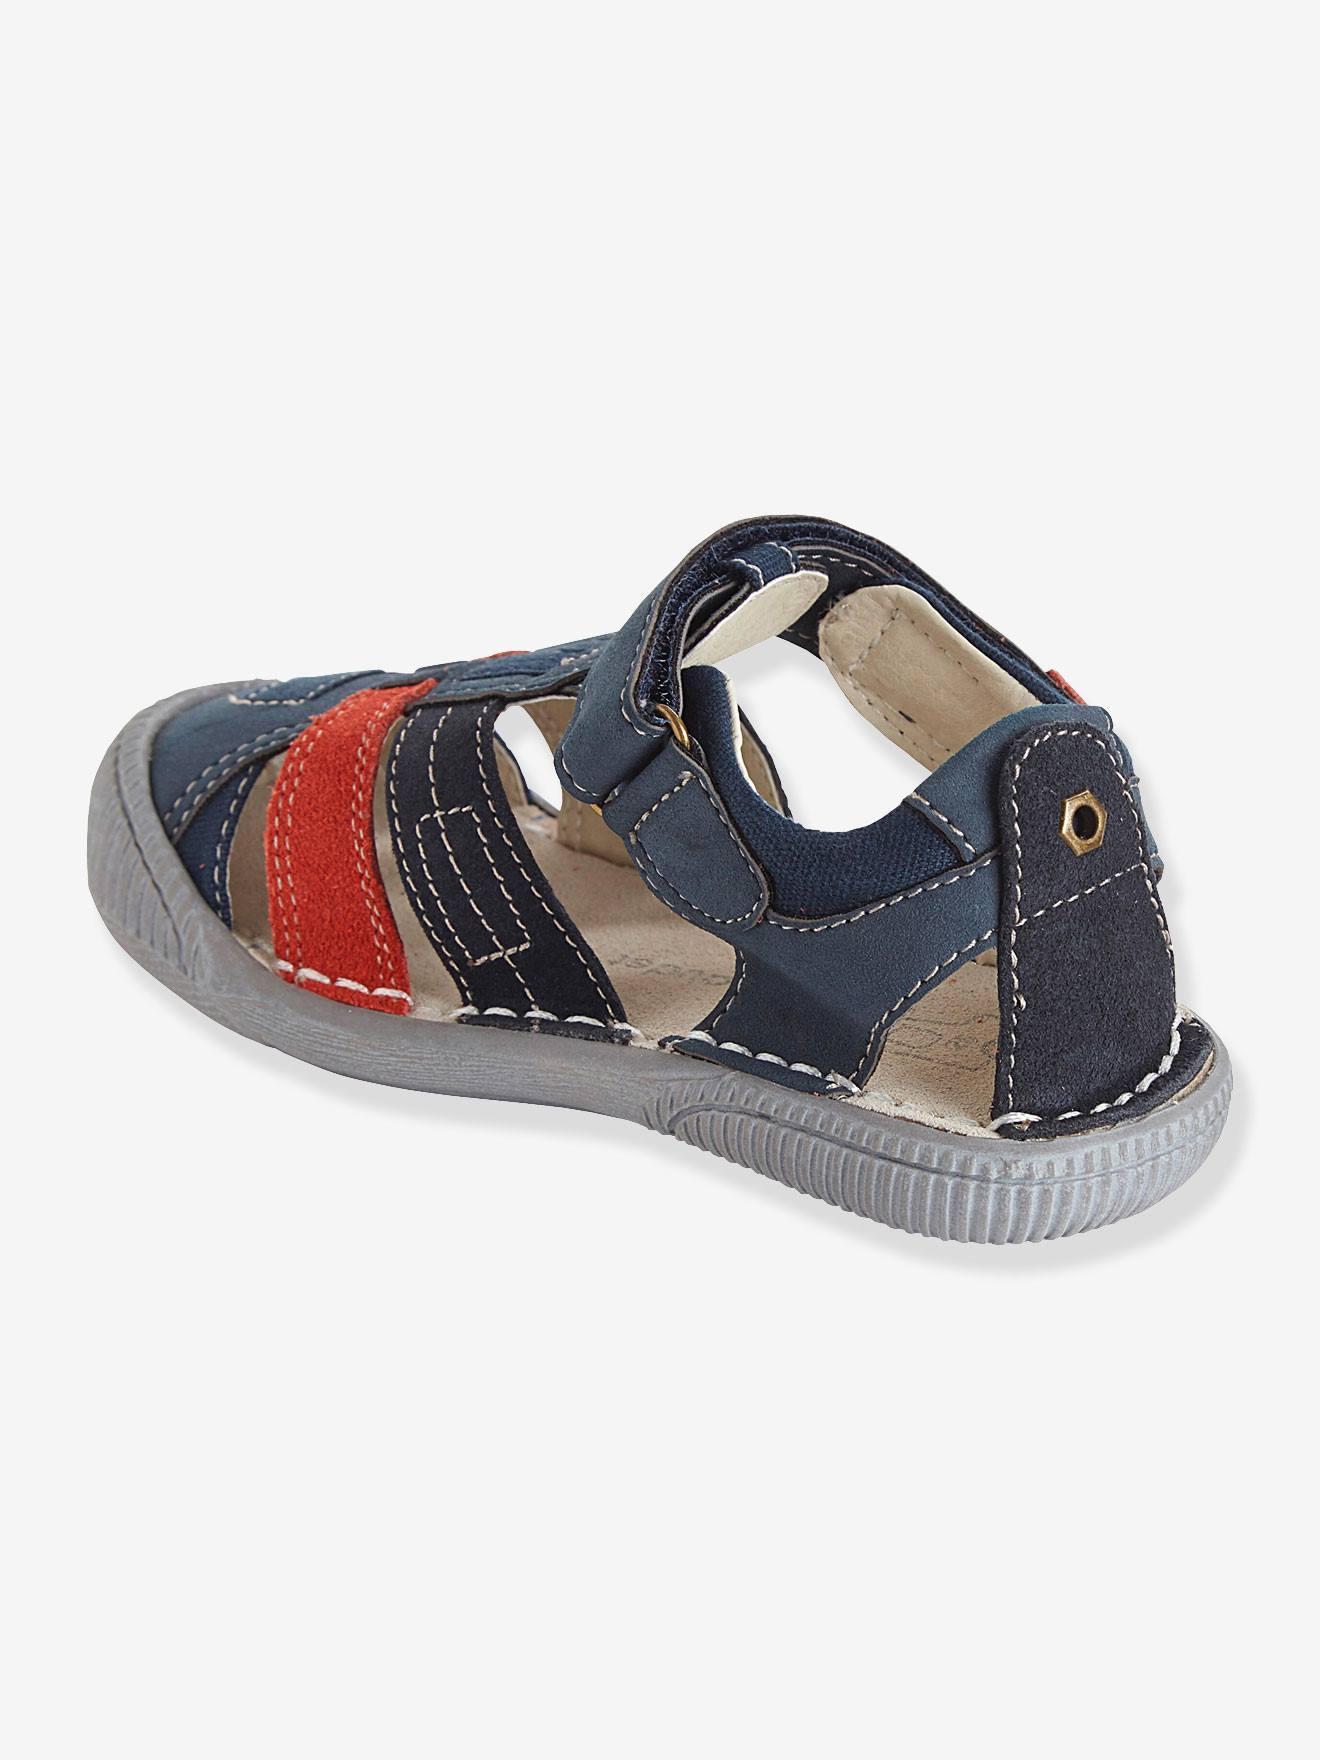 Sandalias de piel especial guardería, para niño azul marino